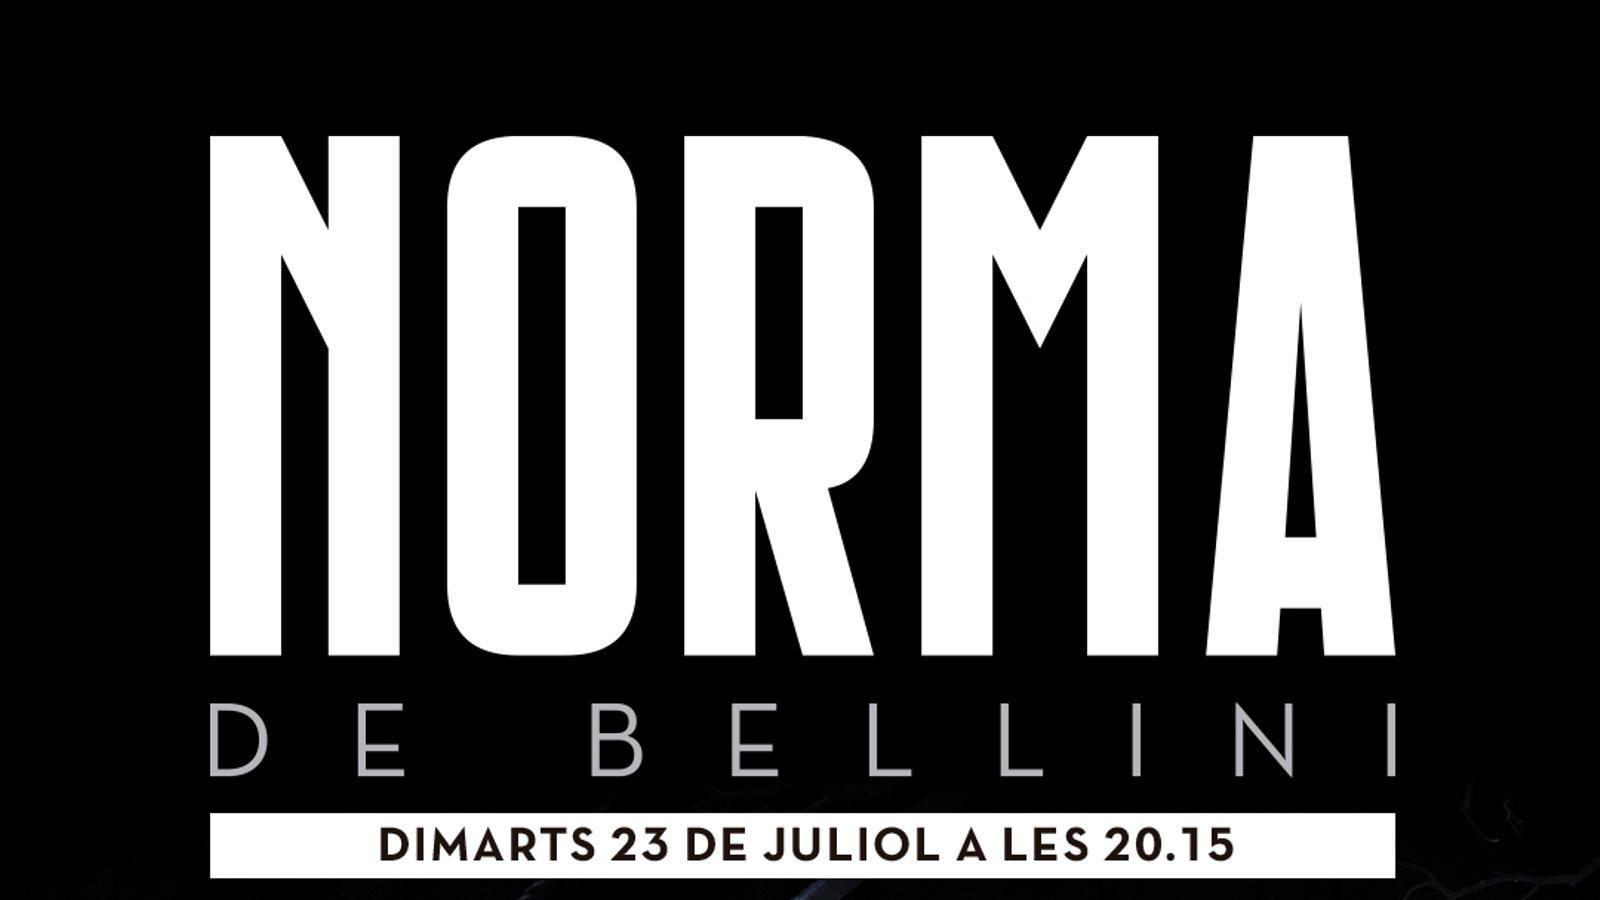 'Norma de Bellini' es podrà veure al cinema gratuïtament